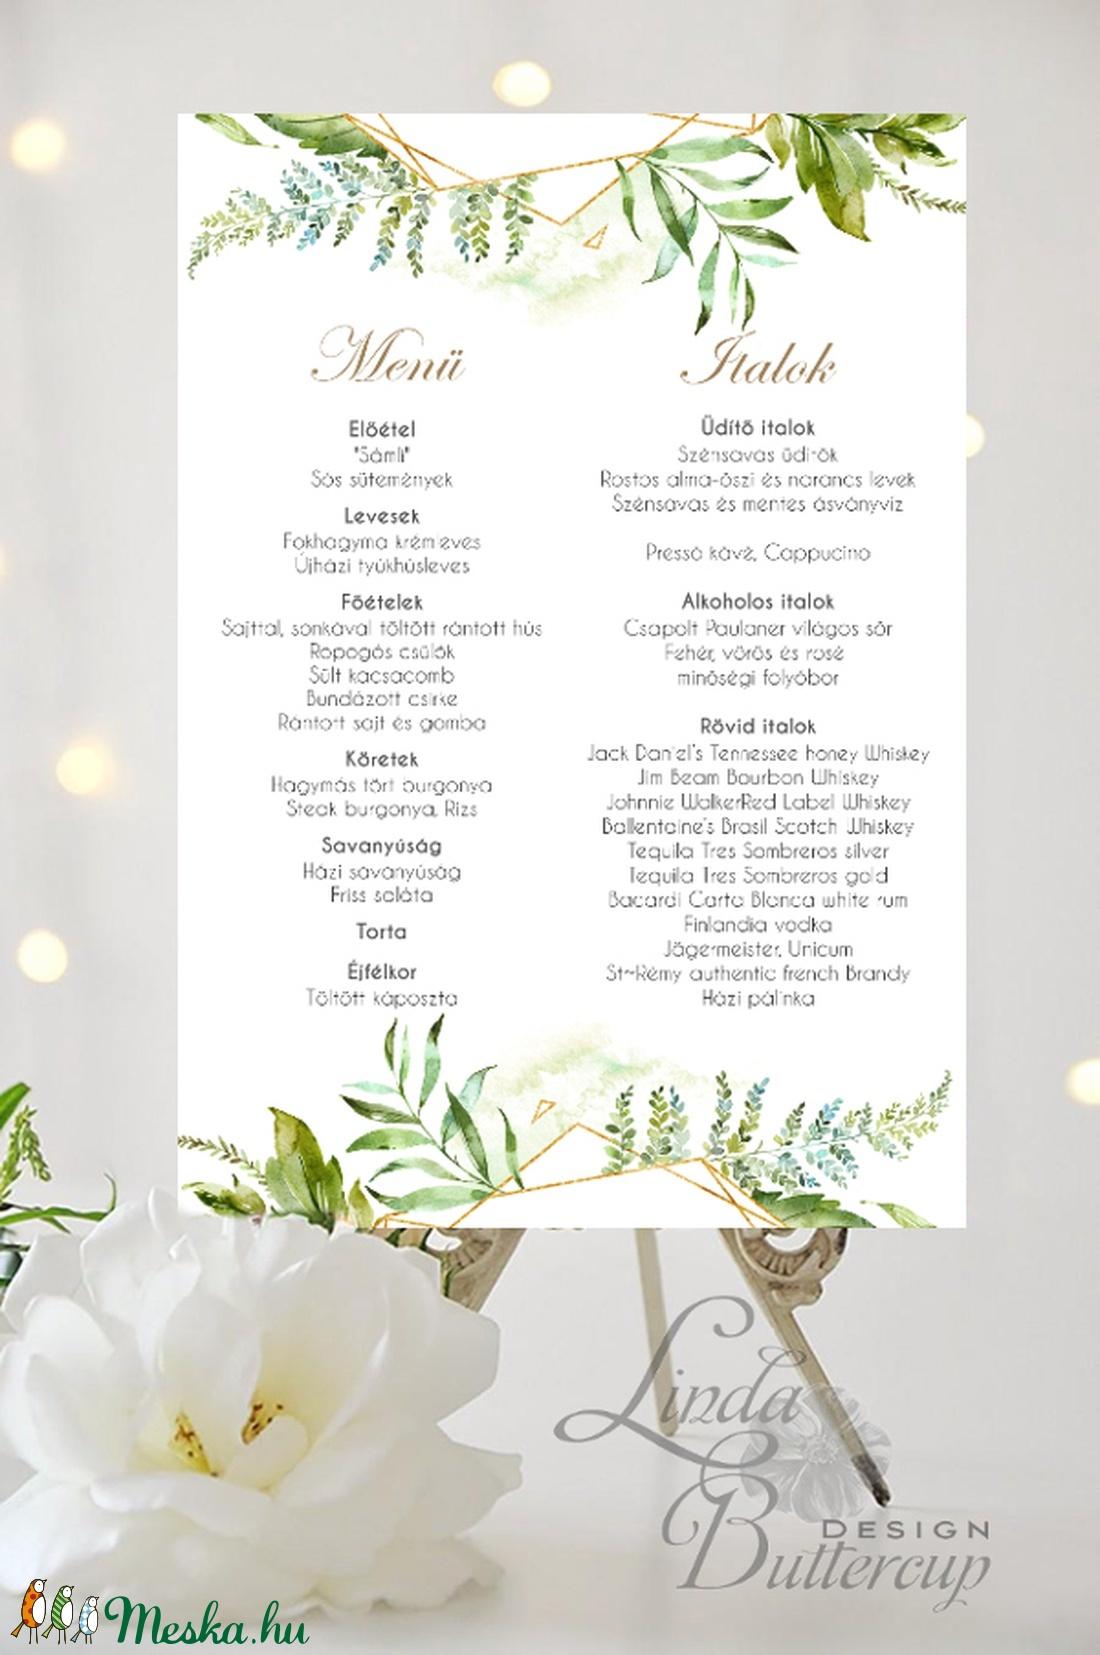 Esküvői Poszter A3, Esküvő menü, Esküvő Dekor, Felirat, Tábla, Vintage, Elegáns, geometrikus, greenery étlap, vendégváró (LindaButtercup) - Meska.hu